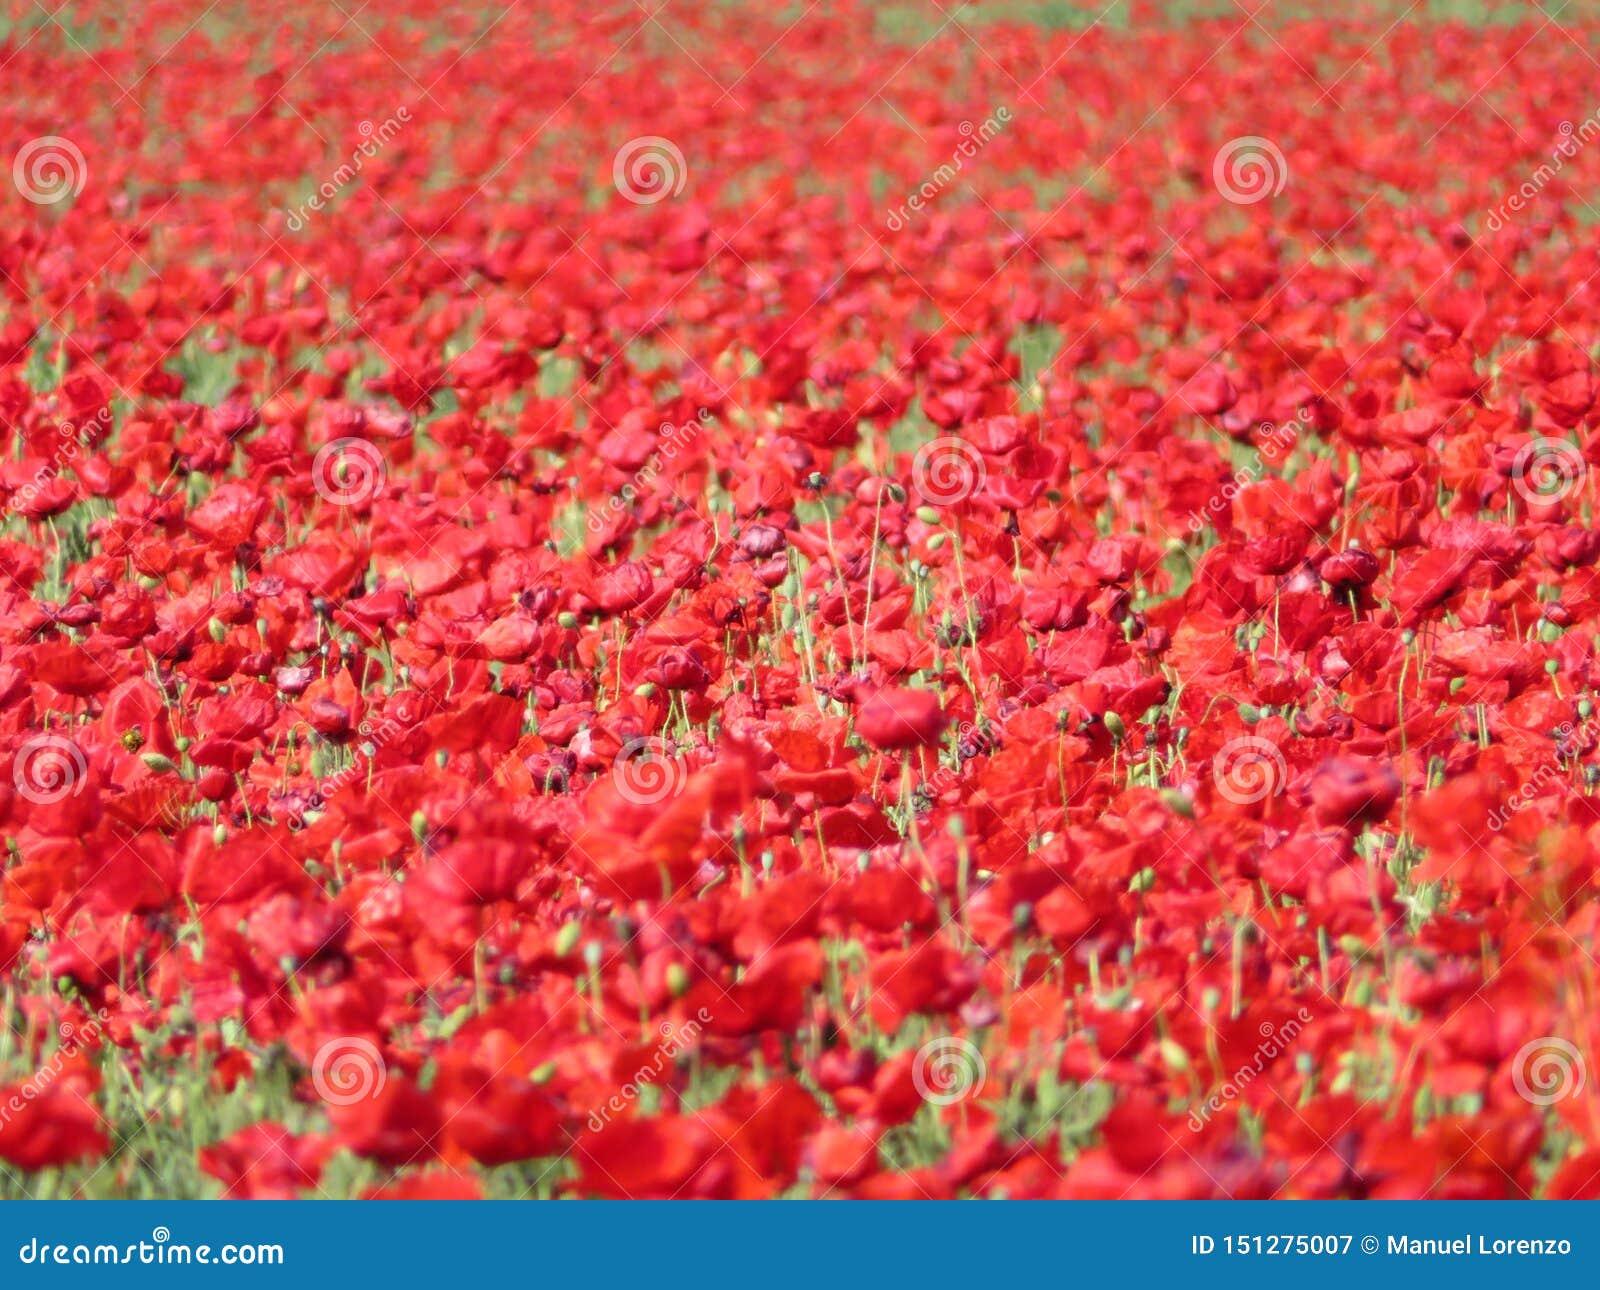 Amapolas rojas hermosas llenas de flores mezcladas con el cereal